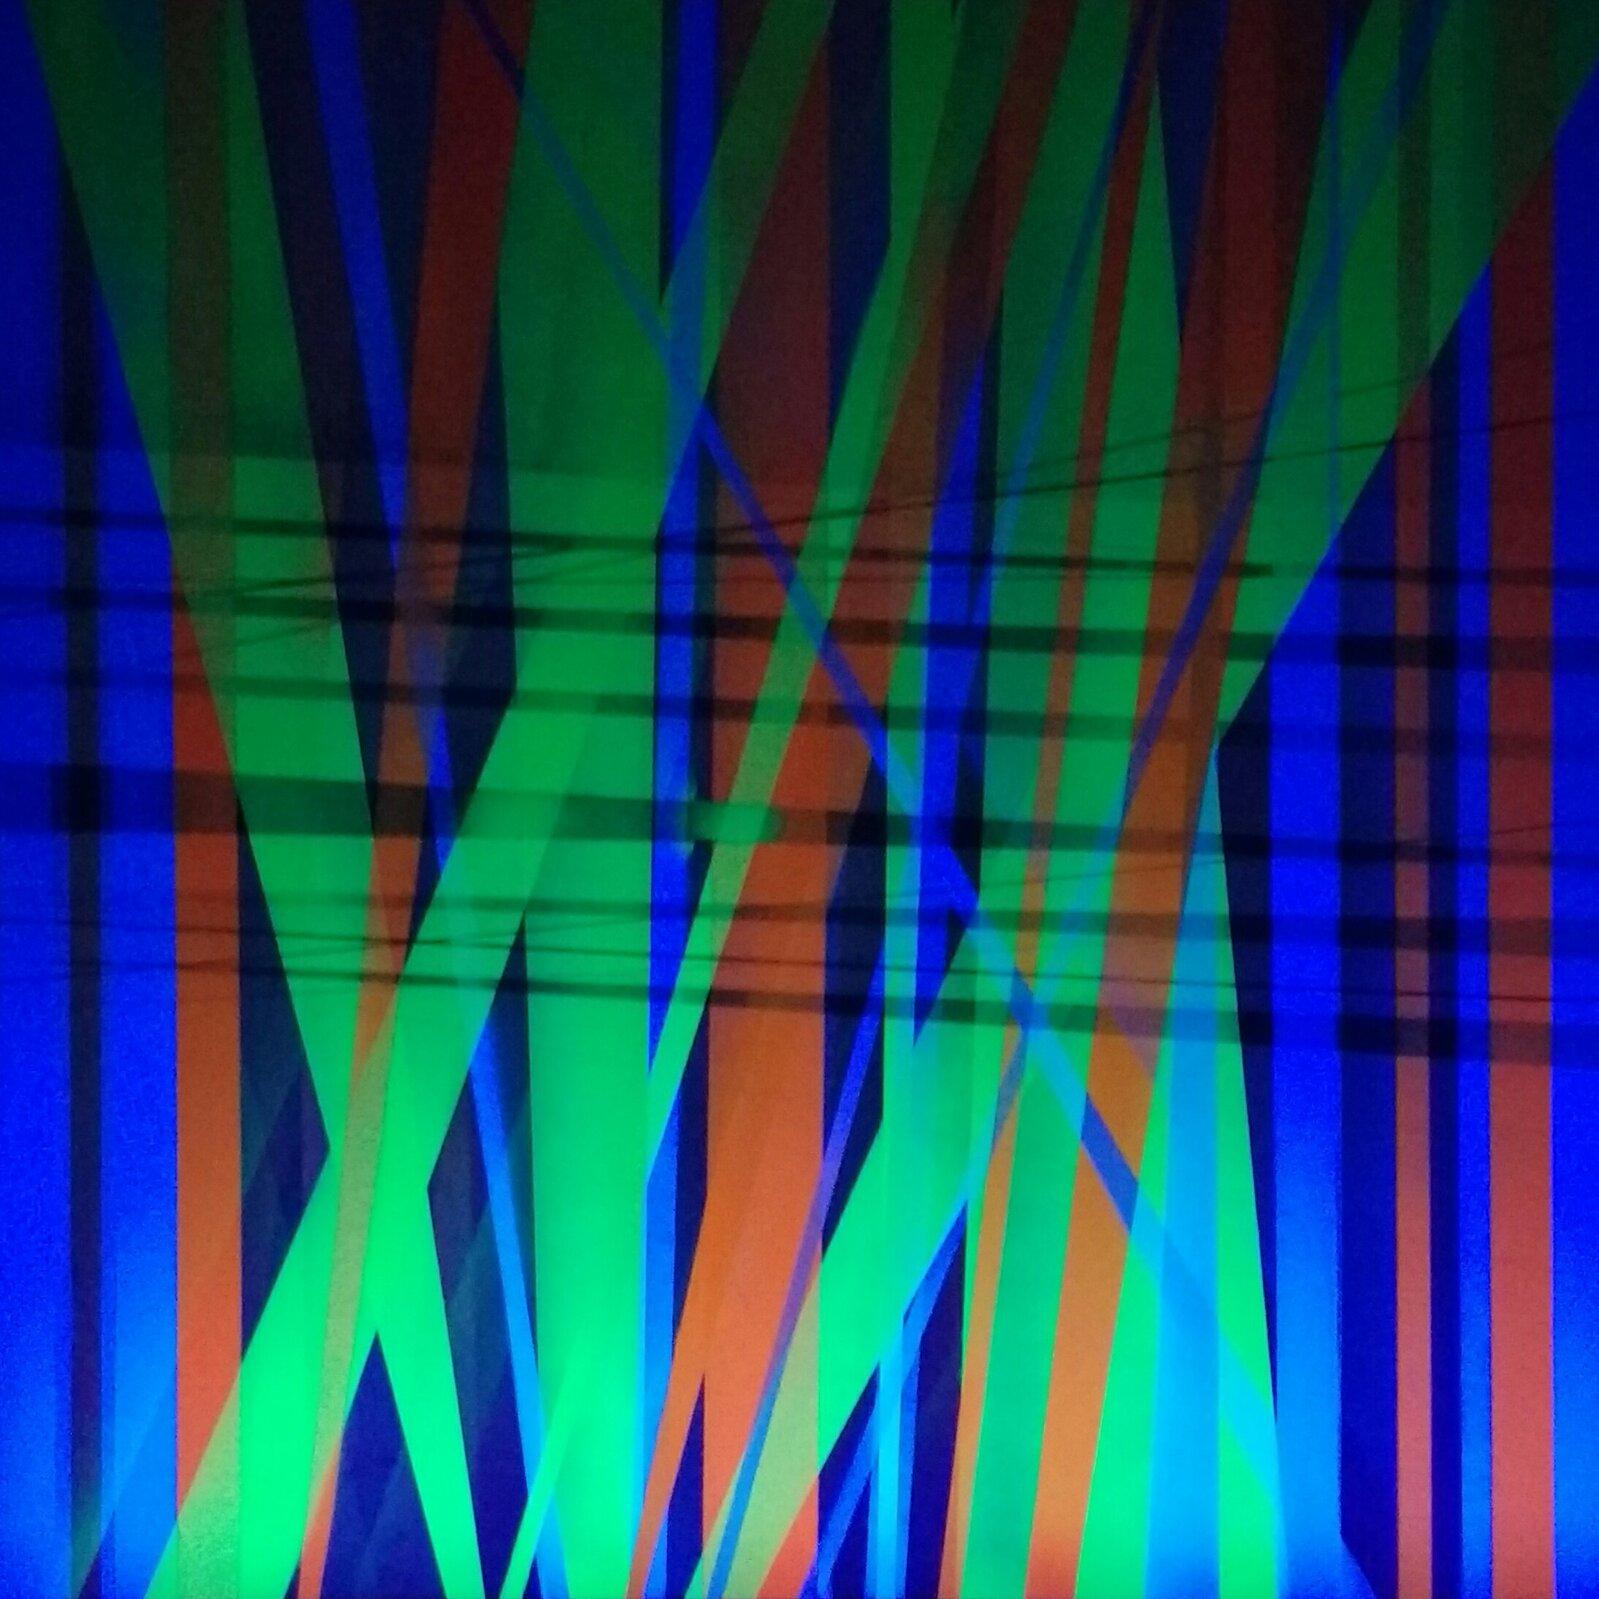 """Ilustracja przedstawia obraz """"Chaos UV wuv"""" autorstwa Iwony Szpak. Abstrakcyjna kompozycja ukazuje przecinające się ze sobą, pionowe, poziome iskośne linie oróżnych kolorach na ciemno-granatowym tle. Skośne, długie, nieregularne kształty wcentrum kompozycji, dzięki swojemu jasno-zielonemu kolorowi wysuwają się na pierwszy plan. Równie wyróżniającymi się elementami są pionowe pasy oczerwonej barwie. Na dalszym planie, wcentrum obrazu znajdują się ciemno-niebieskie, poziome linie. Wtle artystka namalowała jasno-niebieskie, pionowe pasy. Kontrast pomiędzy ciepłymi achłodnymi barwami tworzy wrażenie iluzji przestrzeni wkompozycji. Praca została wykonana wtechnice spray na płótnie."""